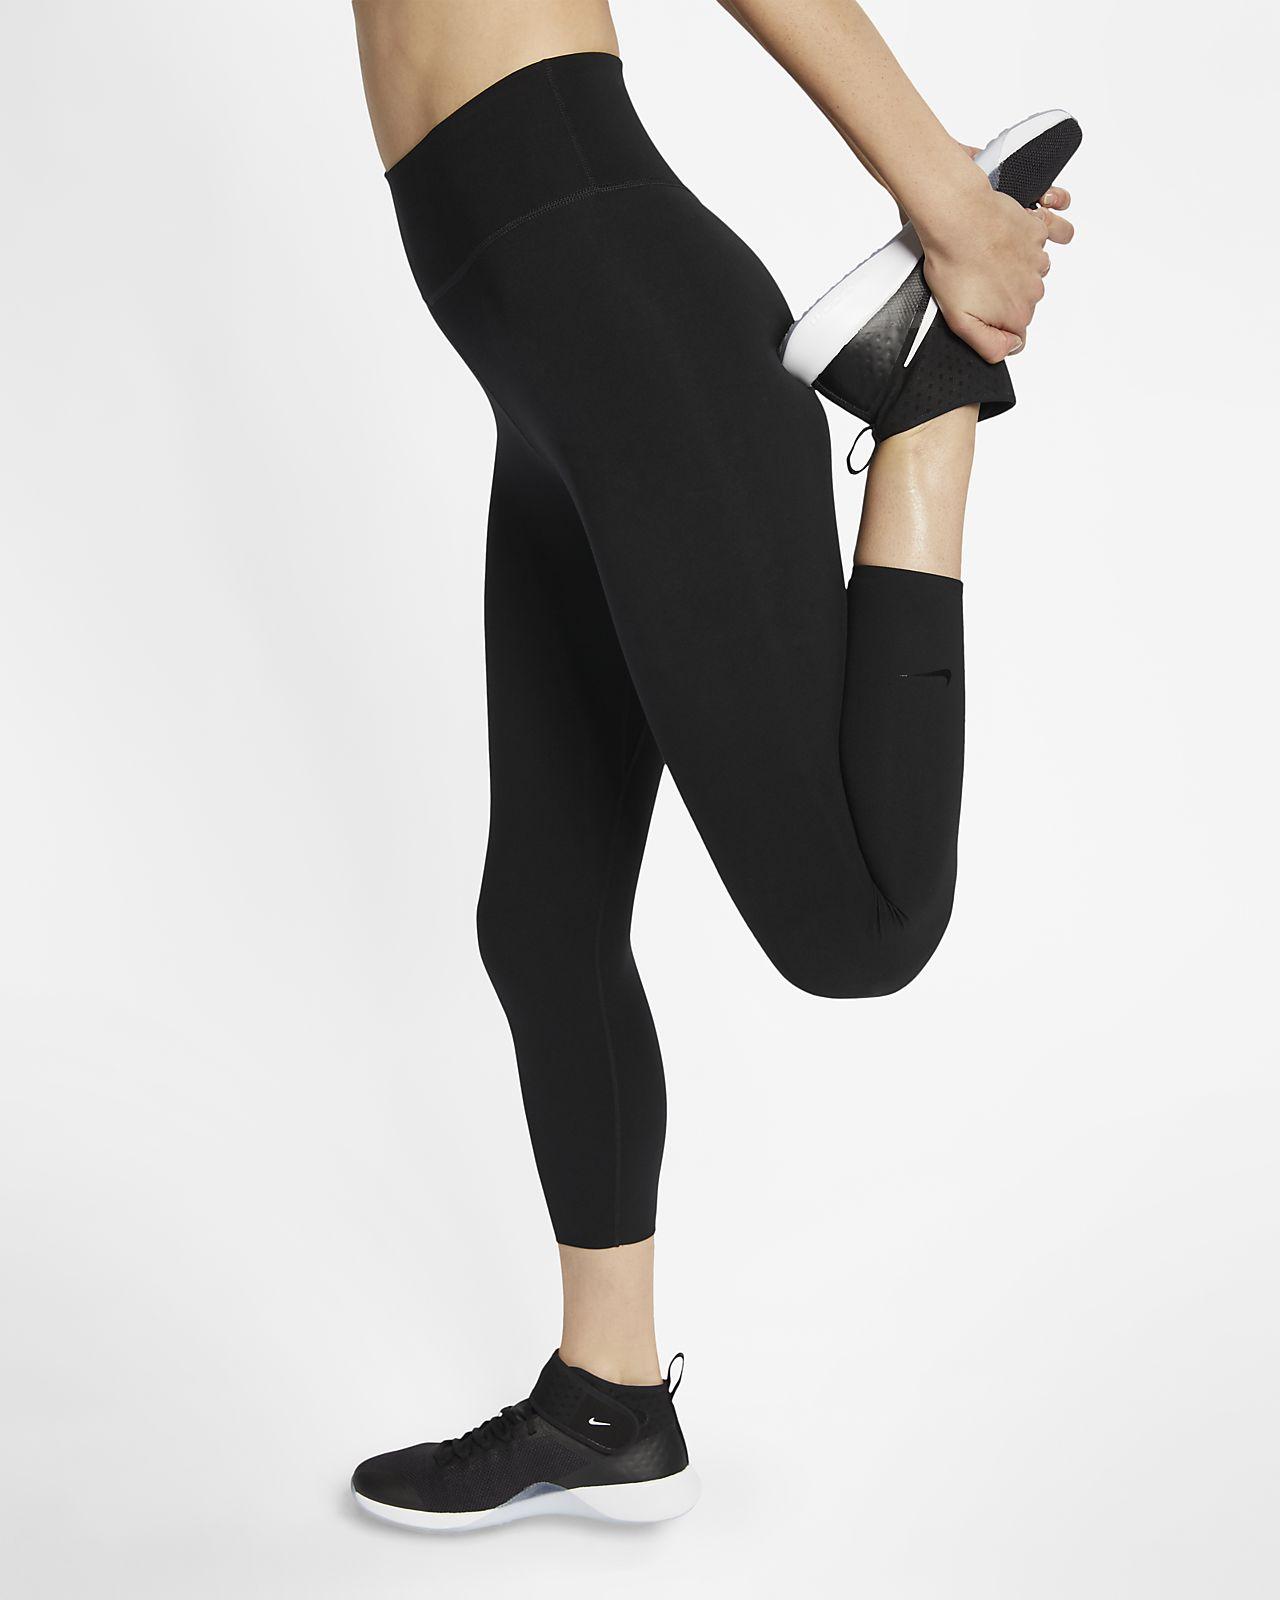 Nike One Luxe-tights i ankellængde til kvinder